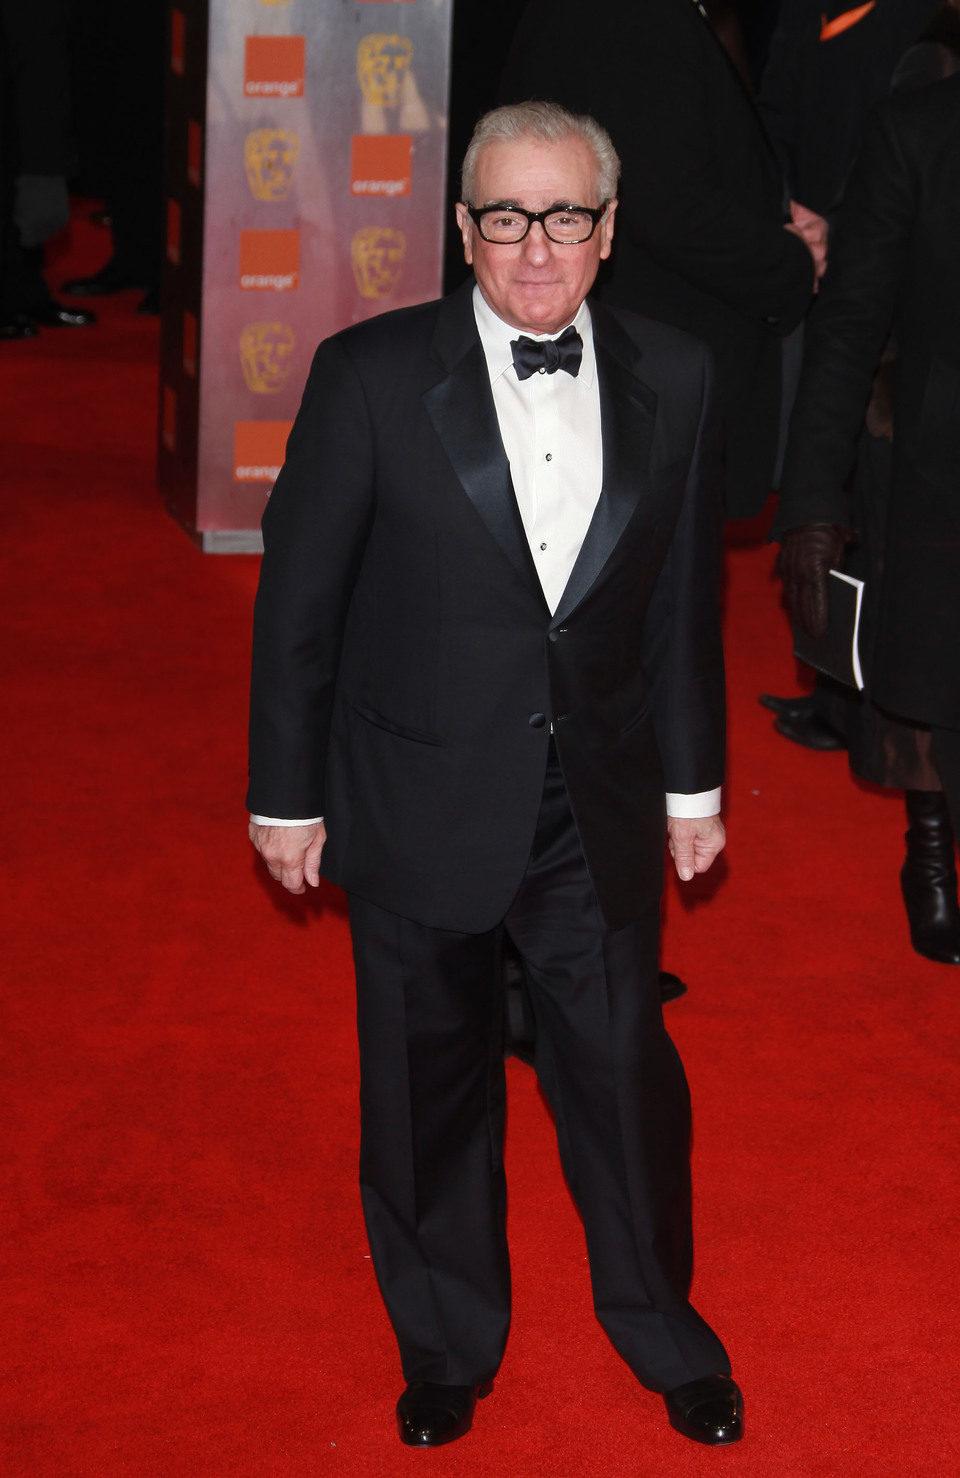 Martin Scorsese posa a la entrada de los premios BAFTA 2012